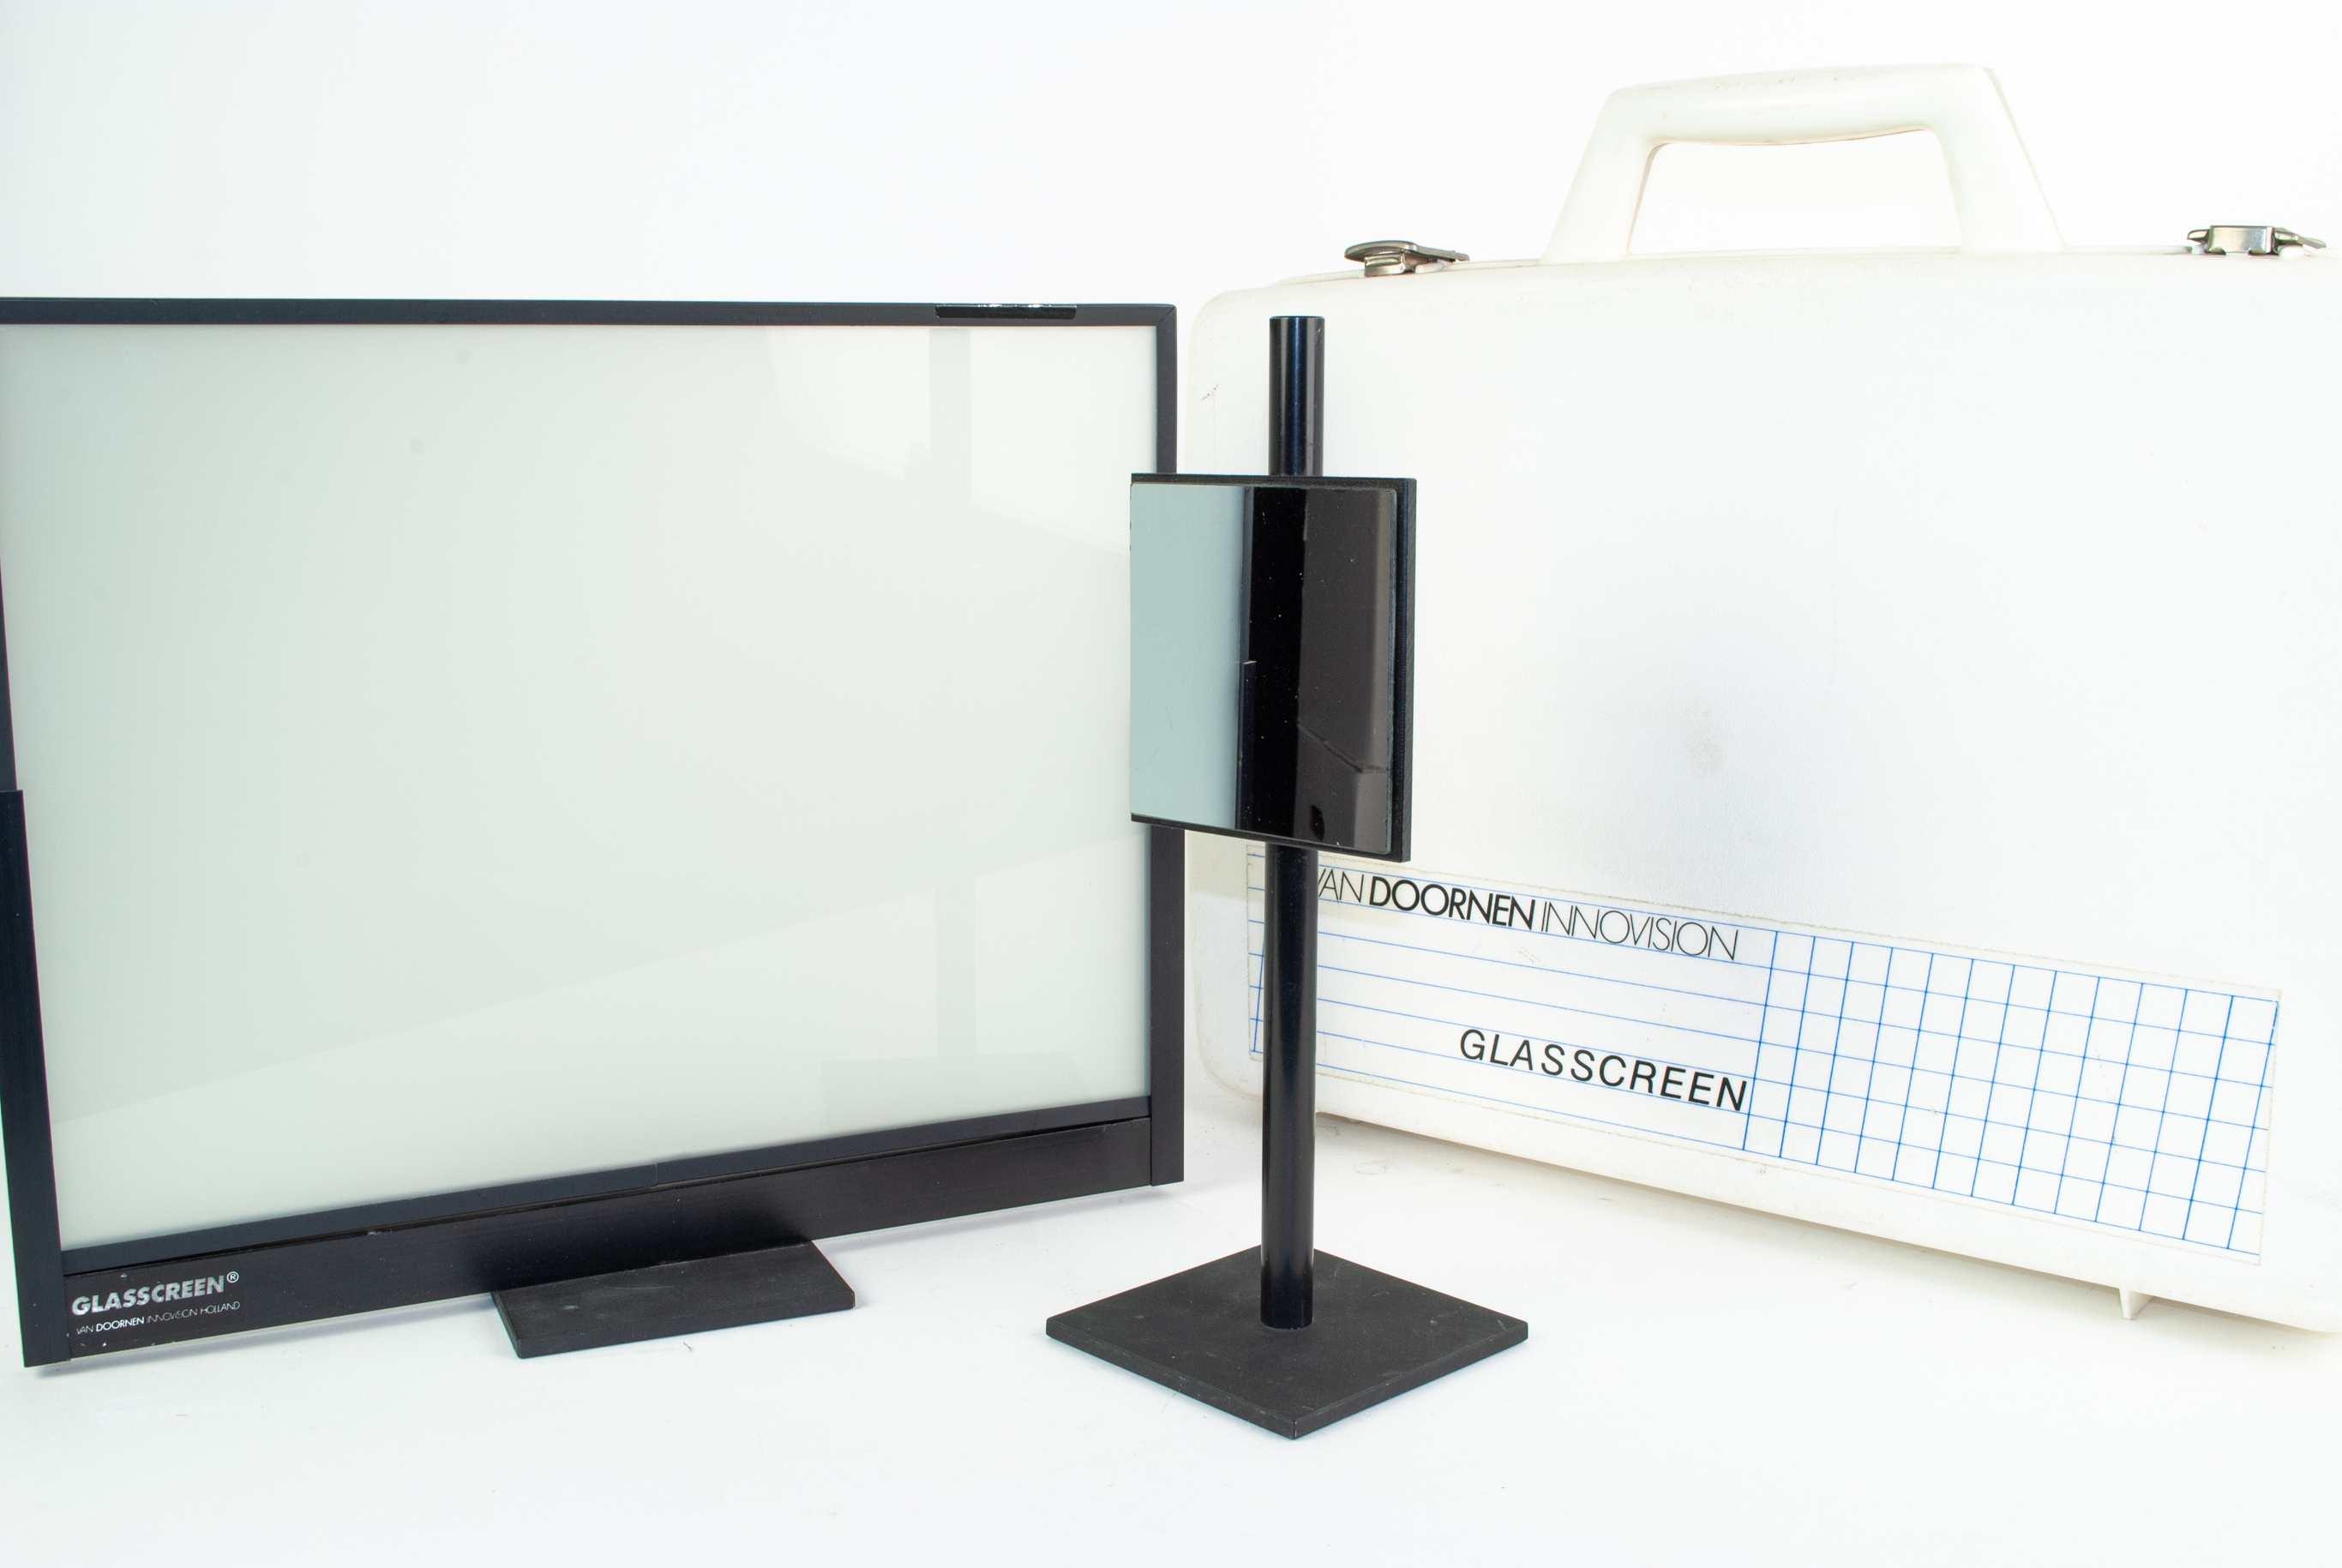 Van Doornen Glasscreen - PROFI set (<Geen>) (gebruikt)